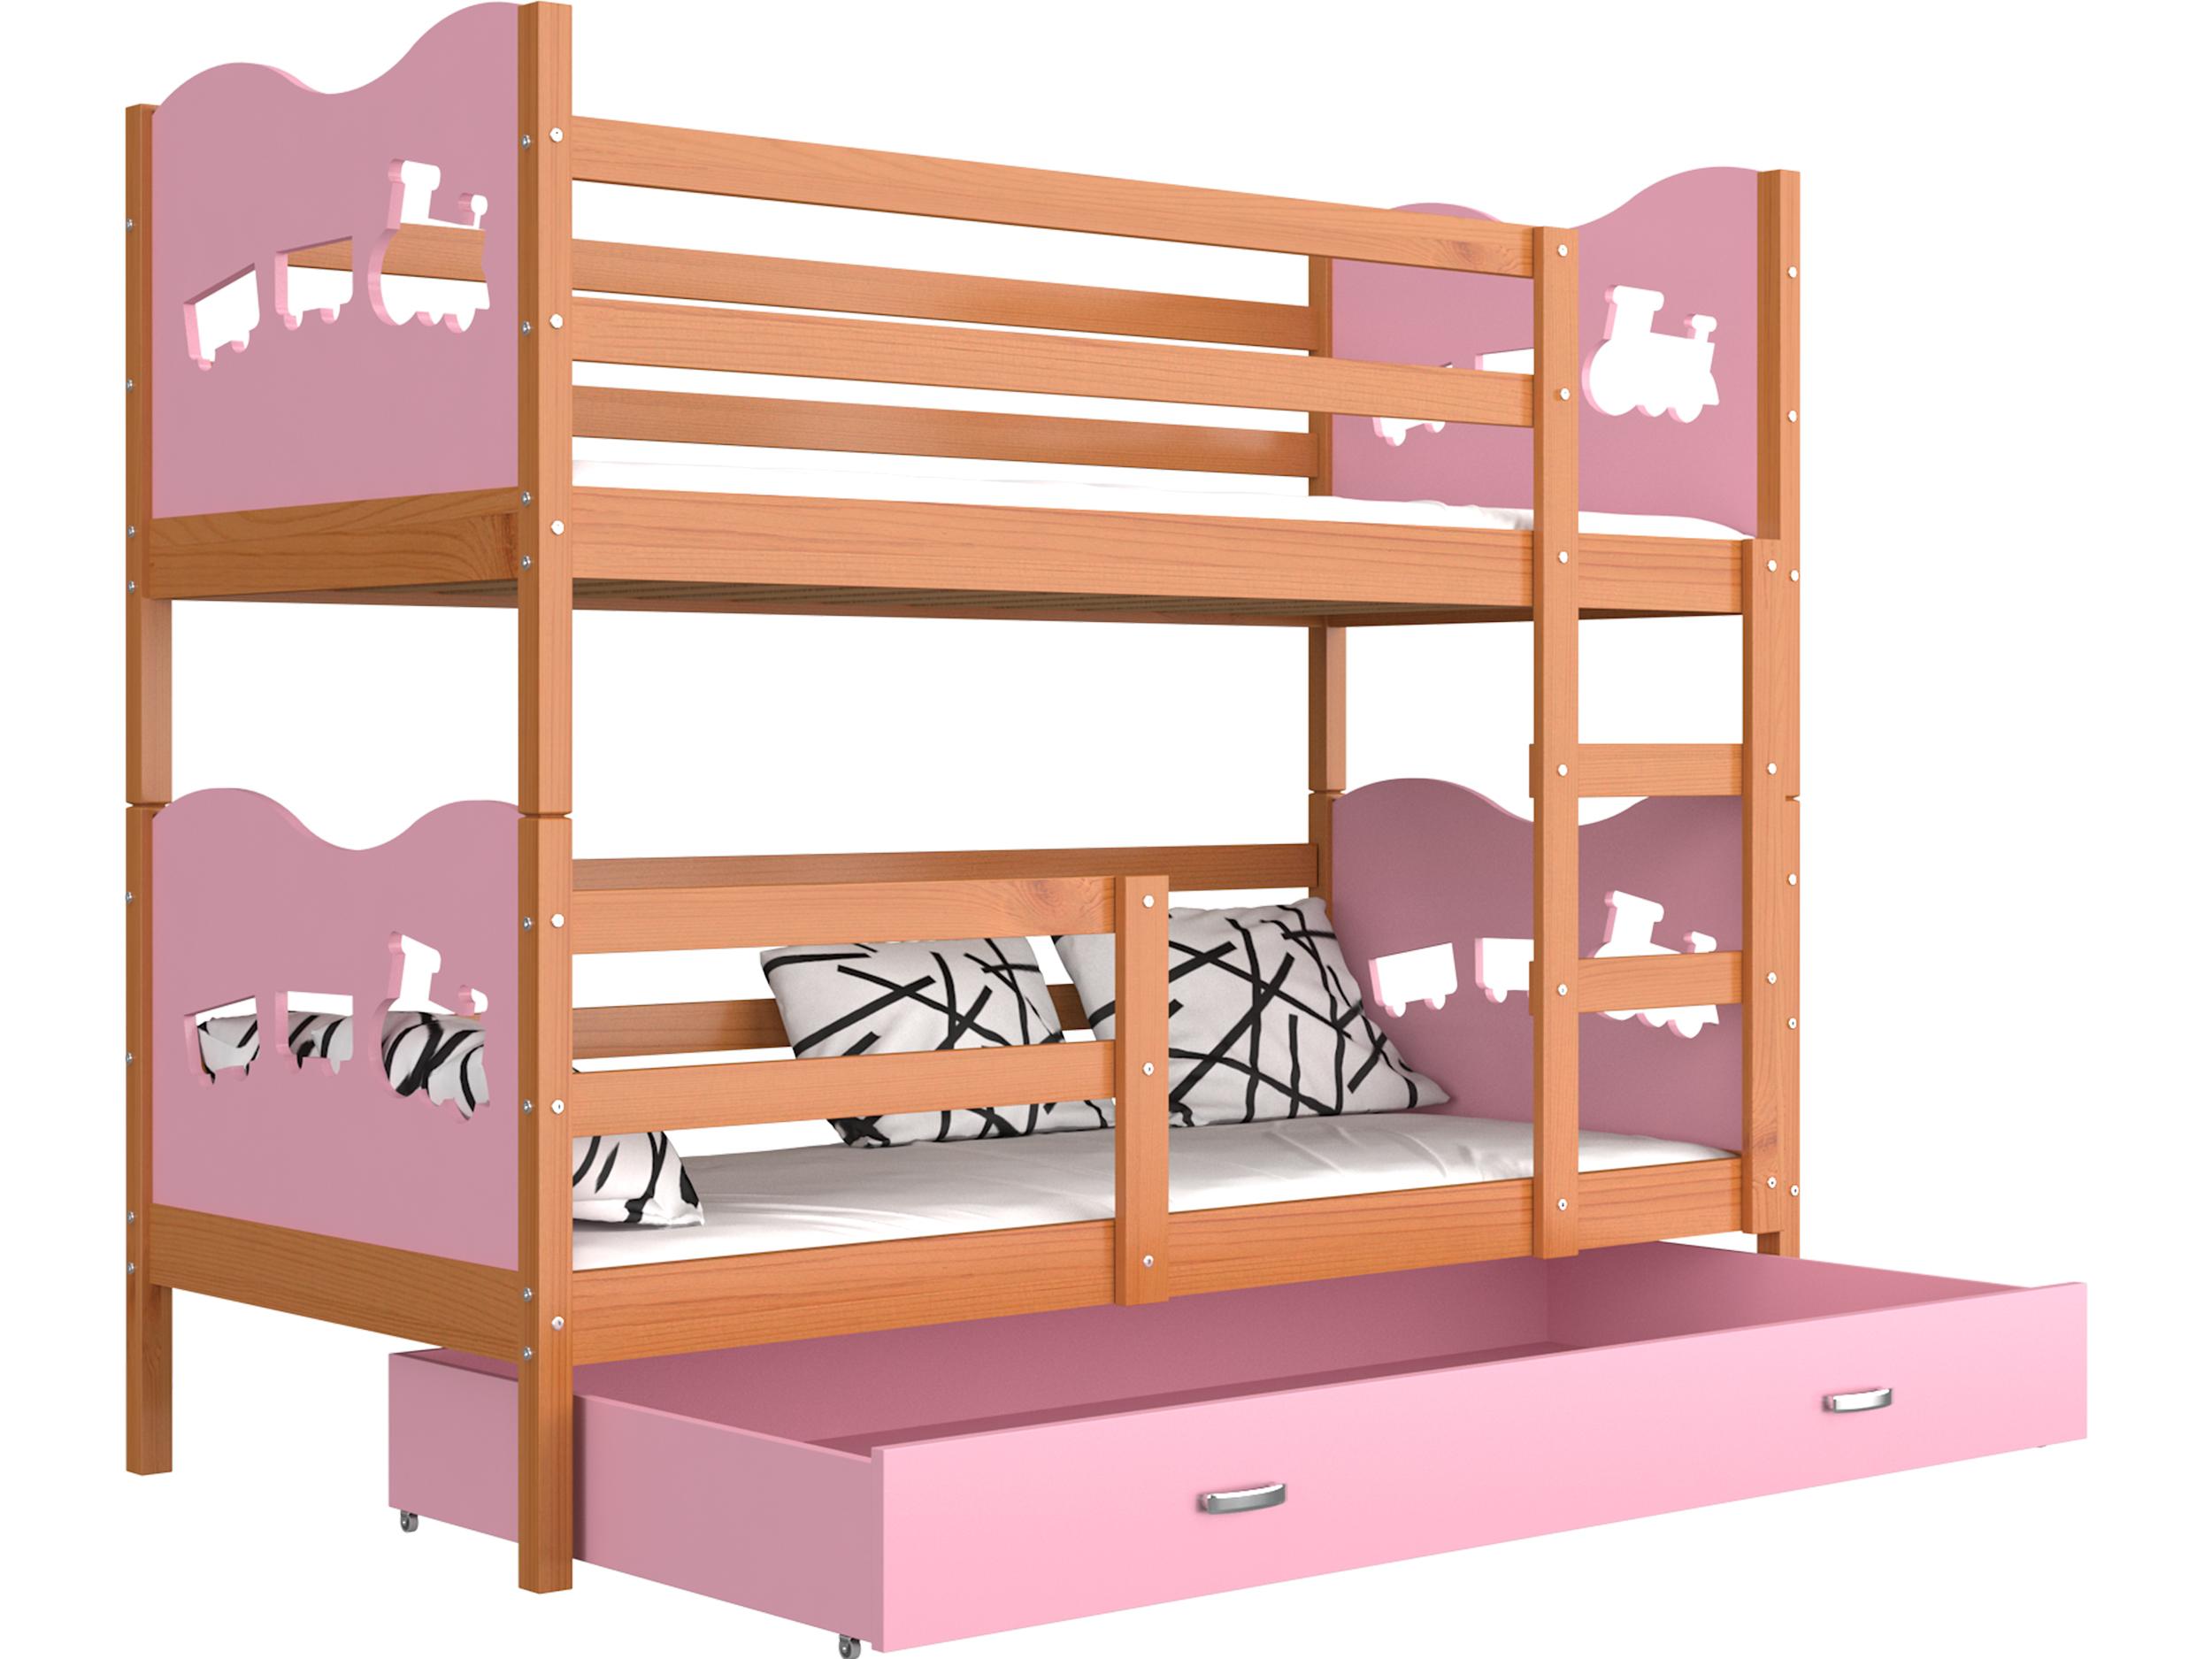 ArtAJ Detská poschodová posteľ MAX drevo / MDF 200 x 90 cm Farba: jelša / ružová 200 x 90 cm, s matracom